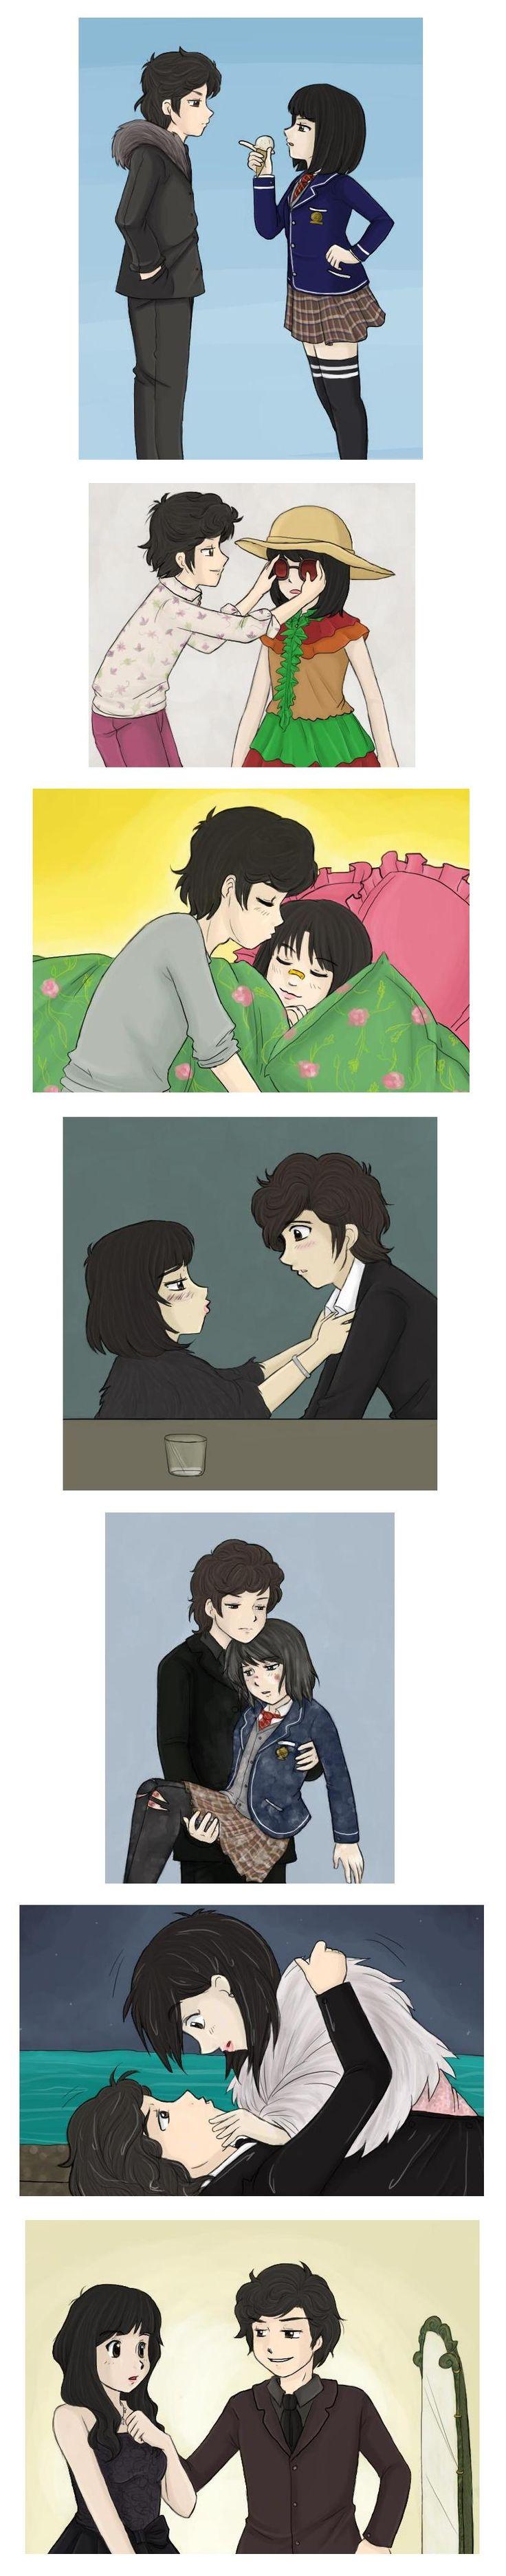 Ina gran  historia de amor